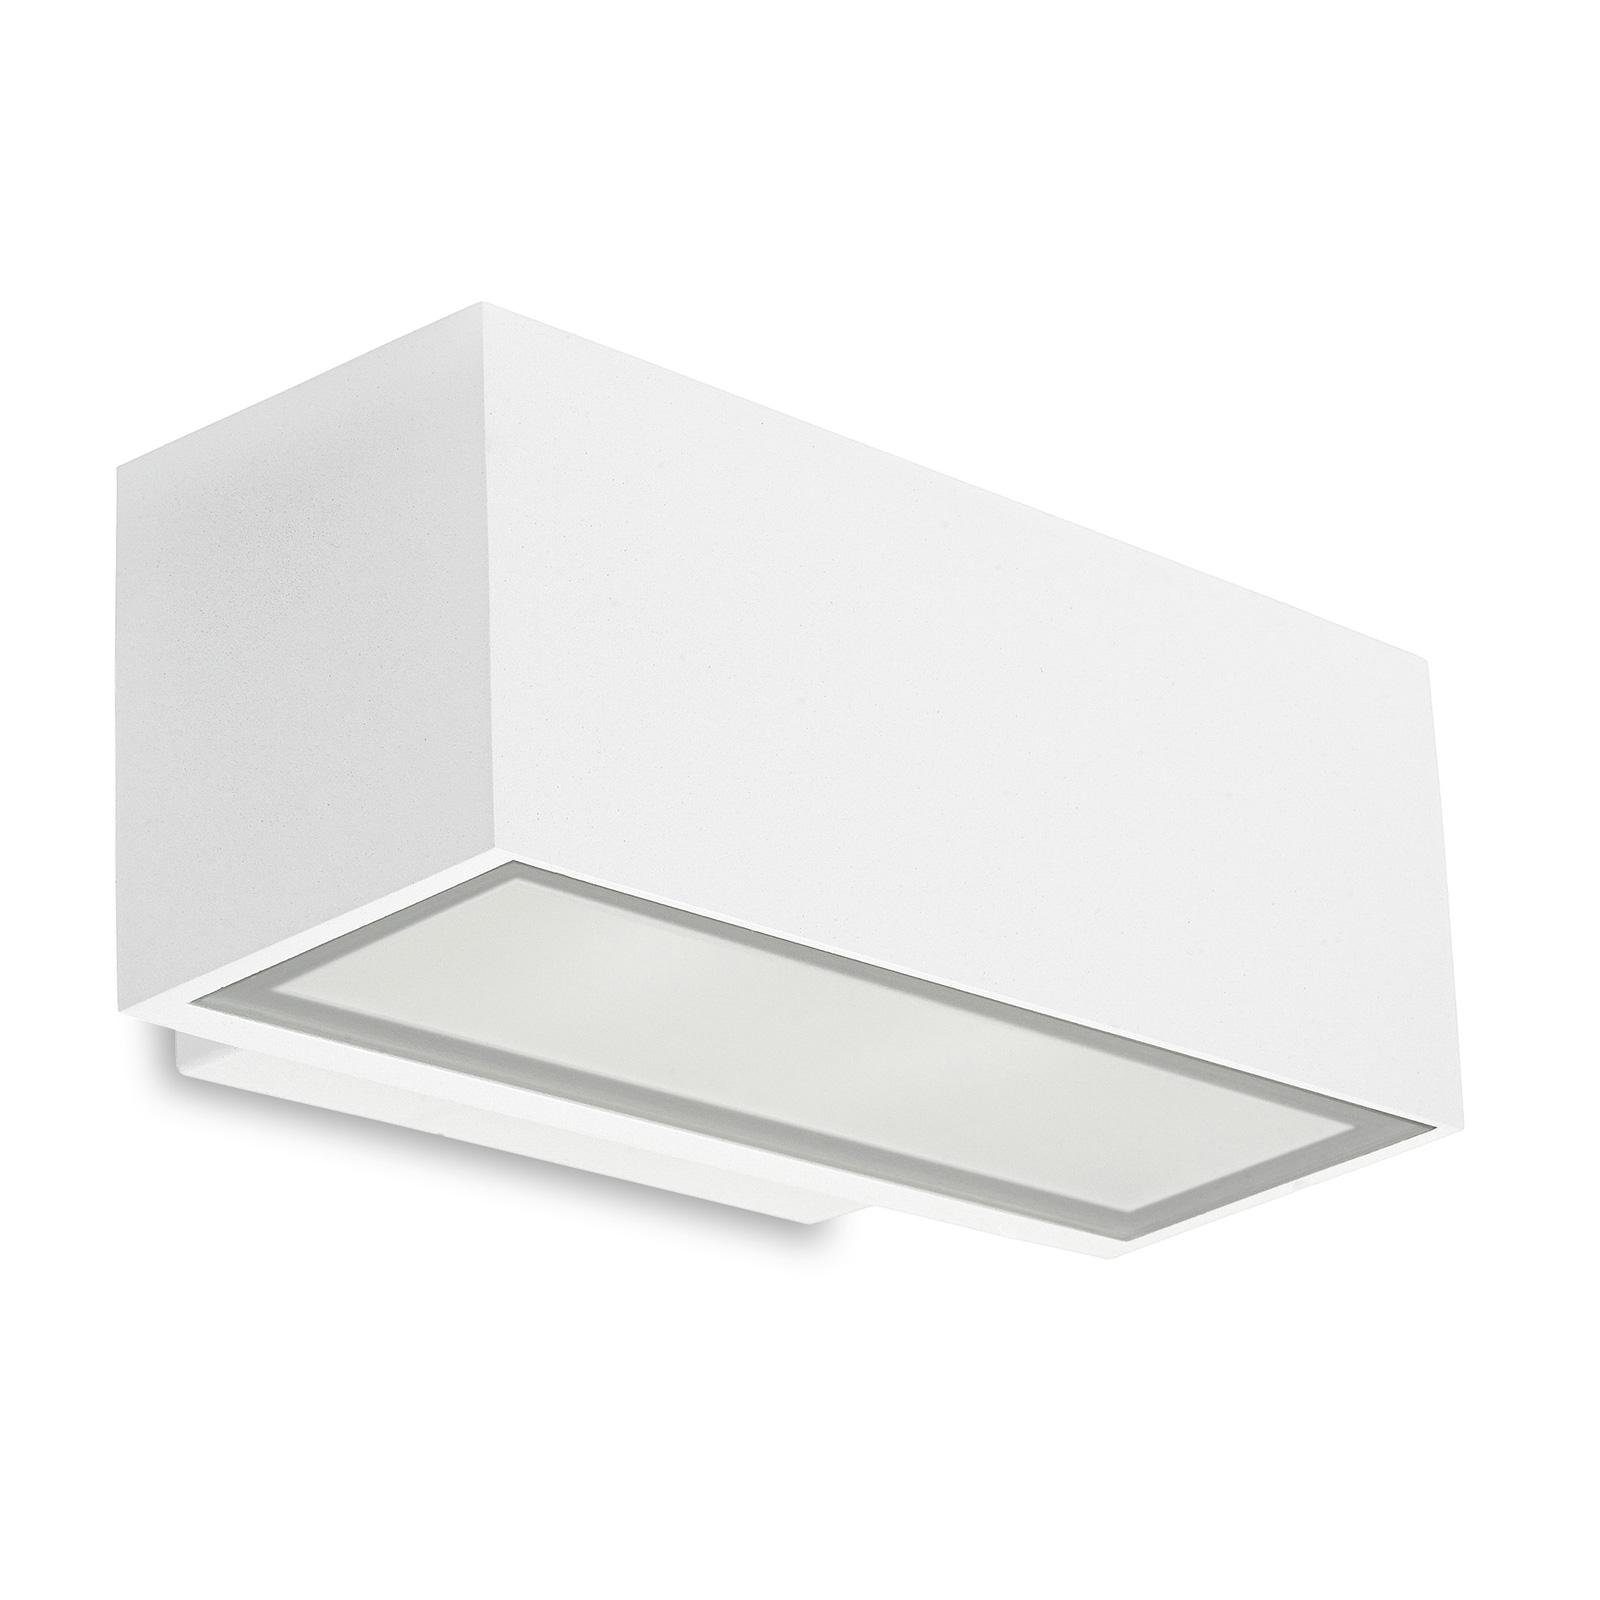 LEDS-C4 Afrodita utendørs vegglampe, ned, hvit